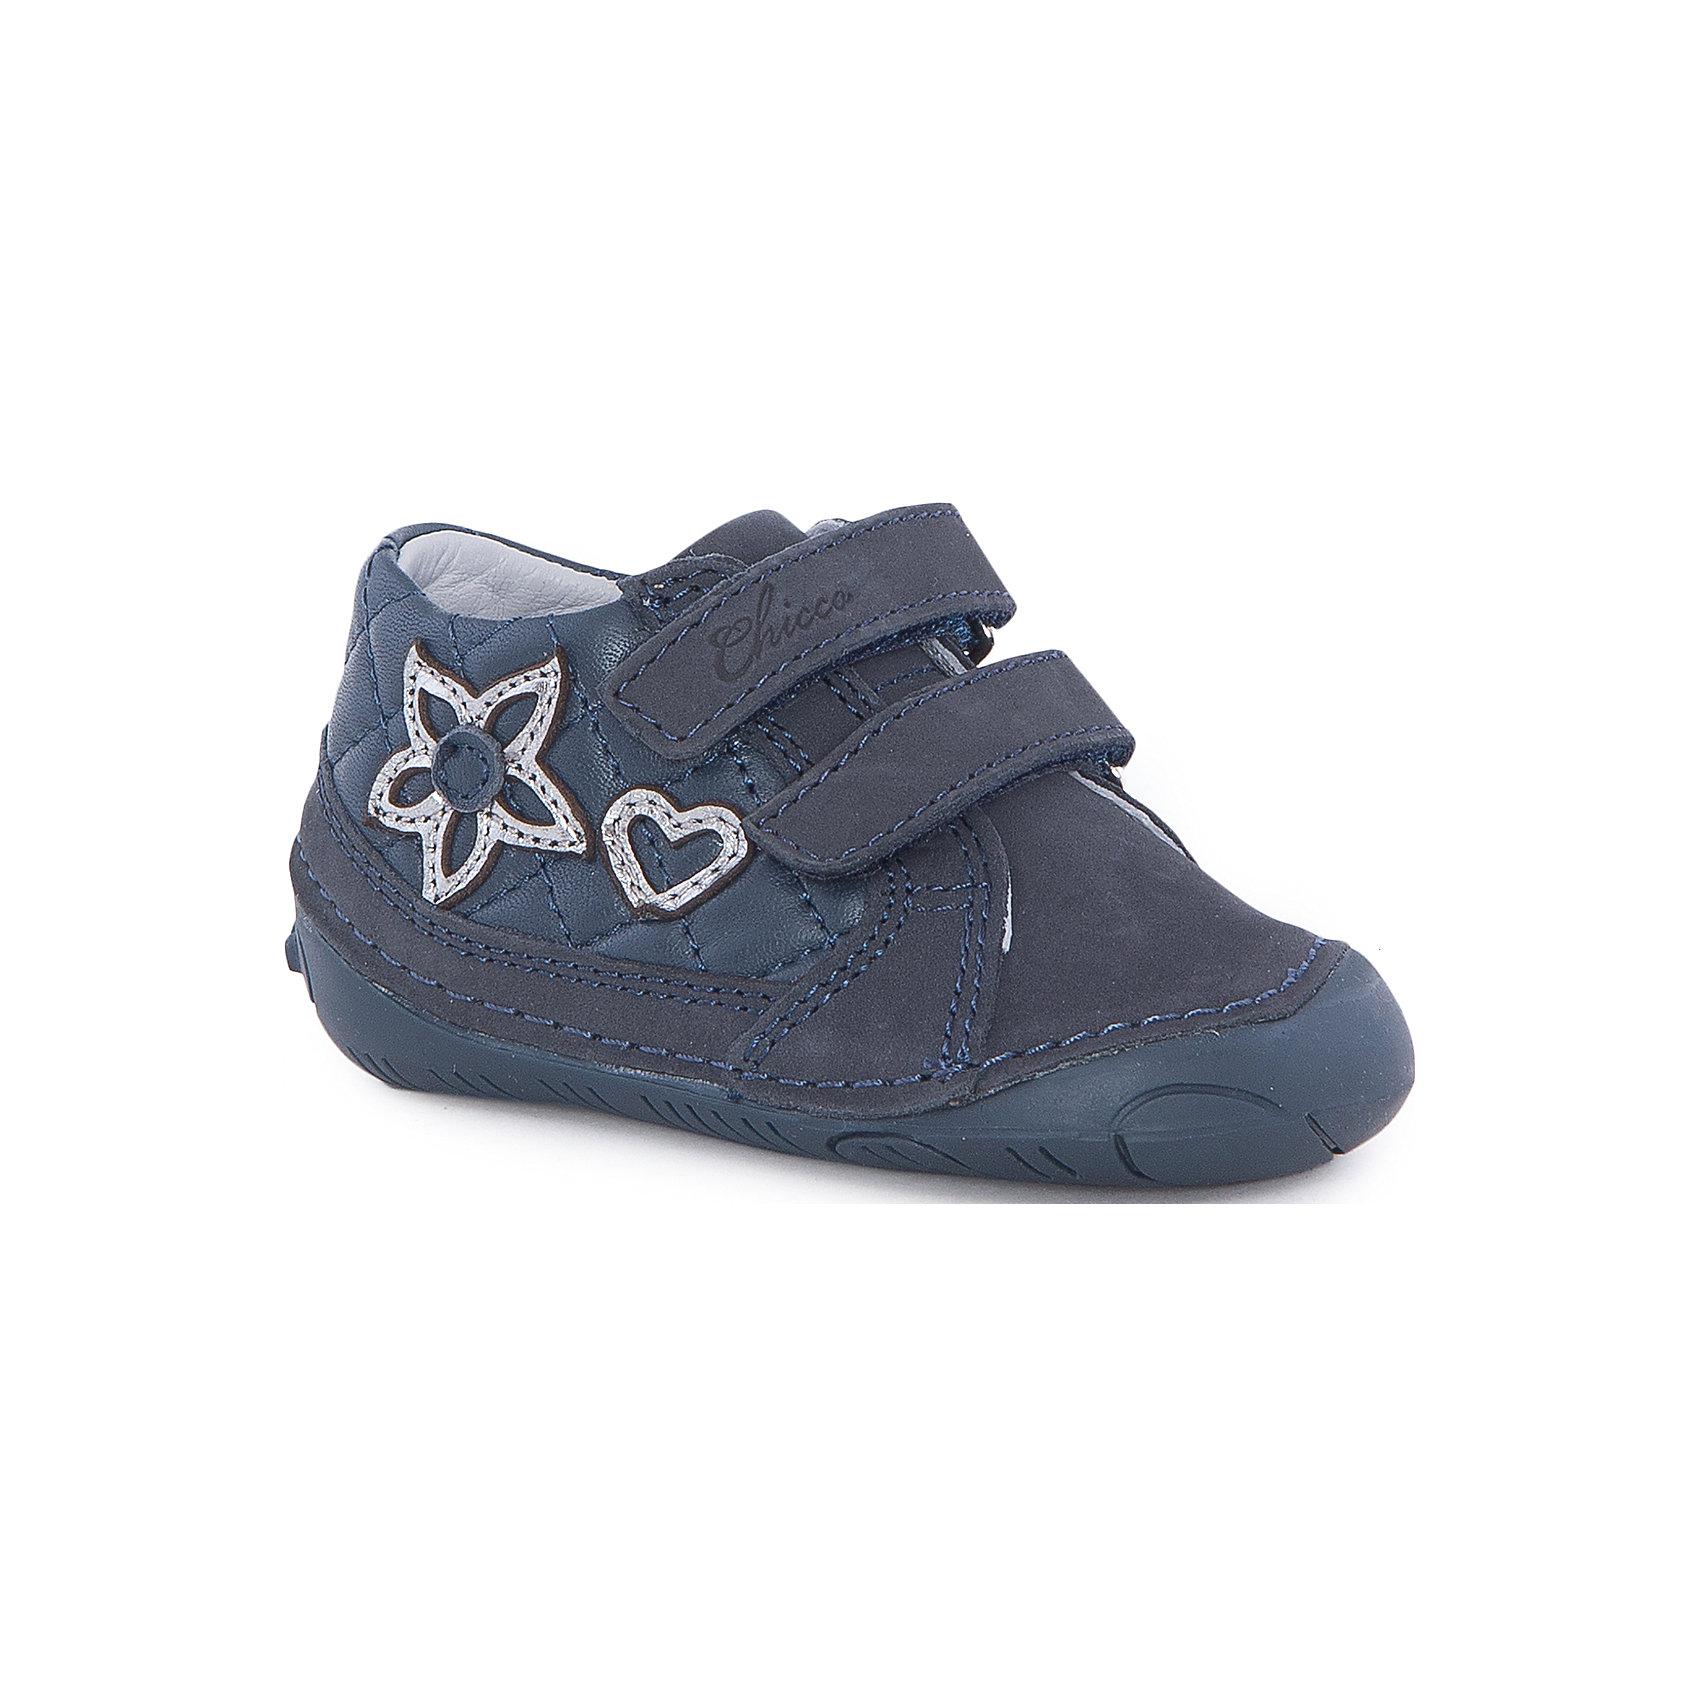 Полуботинки  для девочки  CHICCOБотинки<br>Полуботинки для девочки CHICCO<br><br>Характеристики:<br><br>Тип застежки: липучки, 2 шт.<br>Тип обуви: спортивные<br>Особенности обуви: усиленный носок<br>Декоративные элементы: стеганые квадраты; добавочные элементы, сердце и цветок<br>Цвет: синий<br><br>Материал: 100% кожа<br><br>Полуботинки для девочки CHICCO можно купить в нашем интернет-магазине.<br><br>Ширина мм: 262<br>Глубина мм: 176<br>Высота мм: 97<br>Вес г: 427<br>Цвет: синий<br>Возраст от месяцев: 9<br>Возраст до месяцев: 12<br>Пол: Женский<br>Возраст: Детский<br>Размер: 20,21,19<br>SKU: 5082855